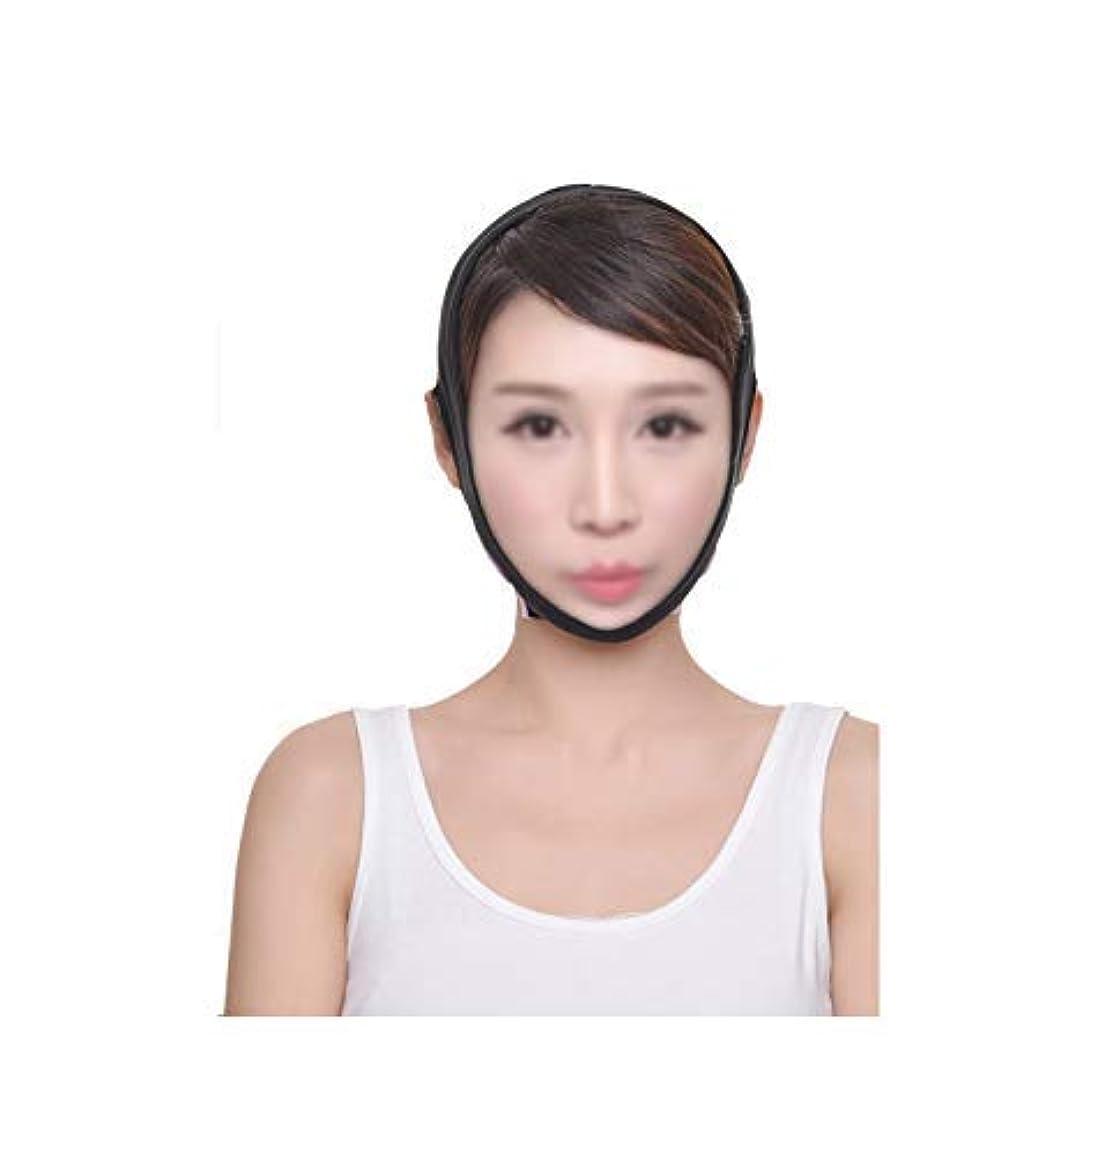 バーチャル全員一般的なファーミングフェイスマスク、フェイスリフティングアーティファクト脂肪吸引術術後整形二重あご美容マスクブラックフード(サイズ:L)